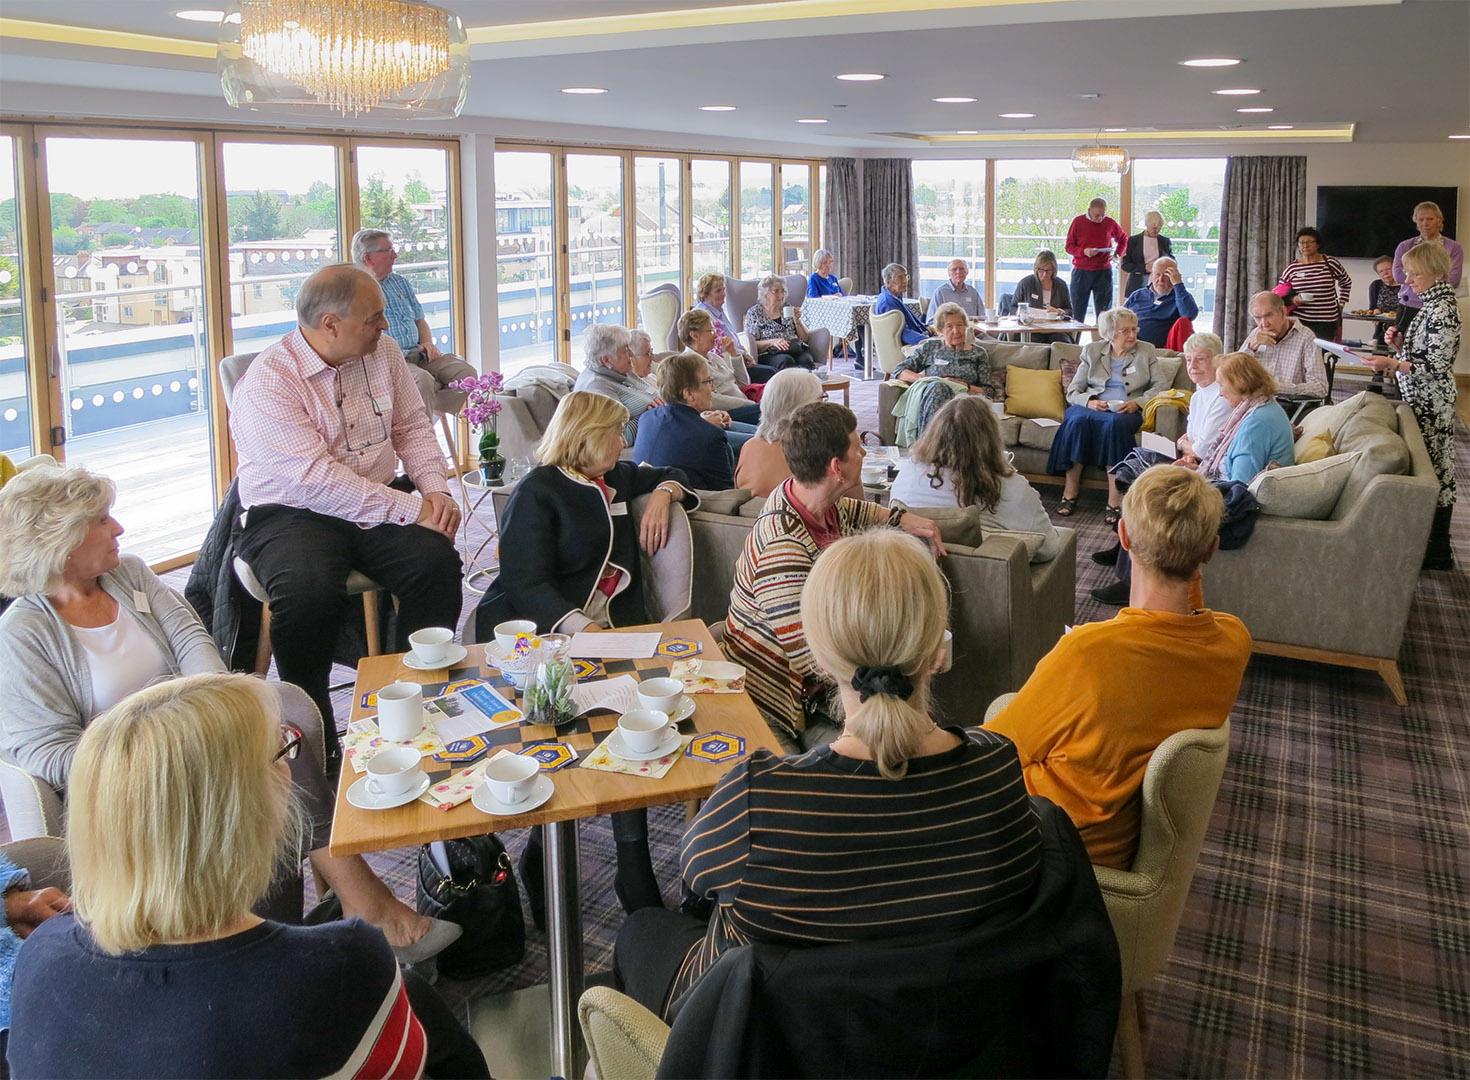 Views of the April 2019 New Members Meeting